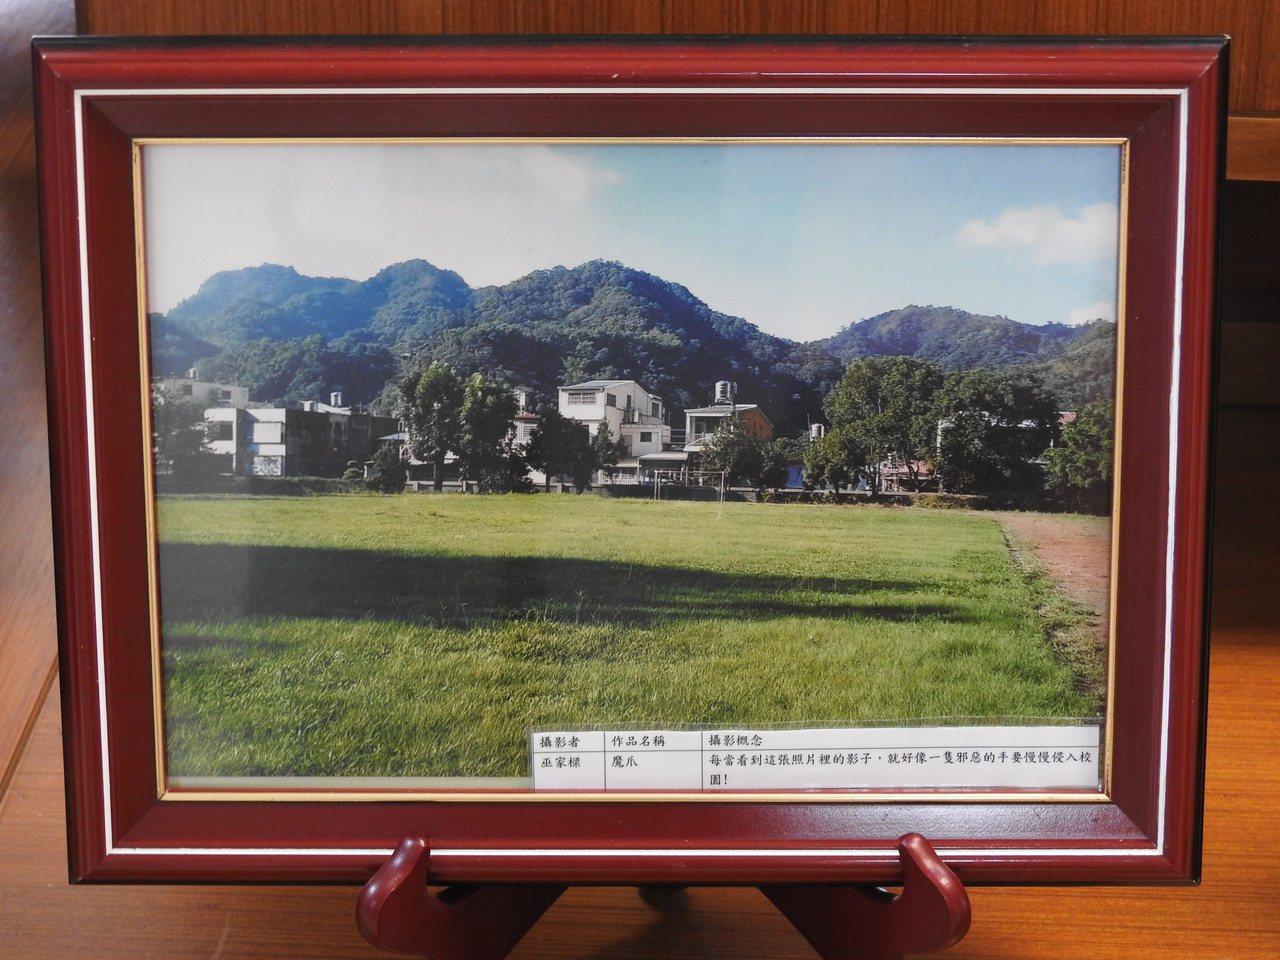 北梅國中校景透過「三分法」,基本且穩定的保留適當空間感。記者賴香珊/翻攝